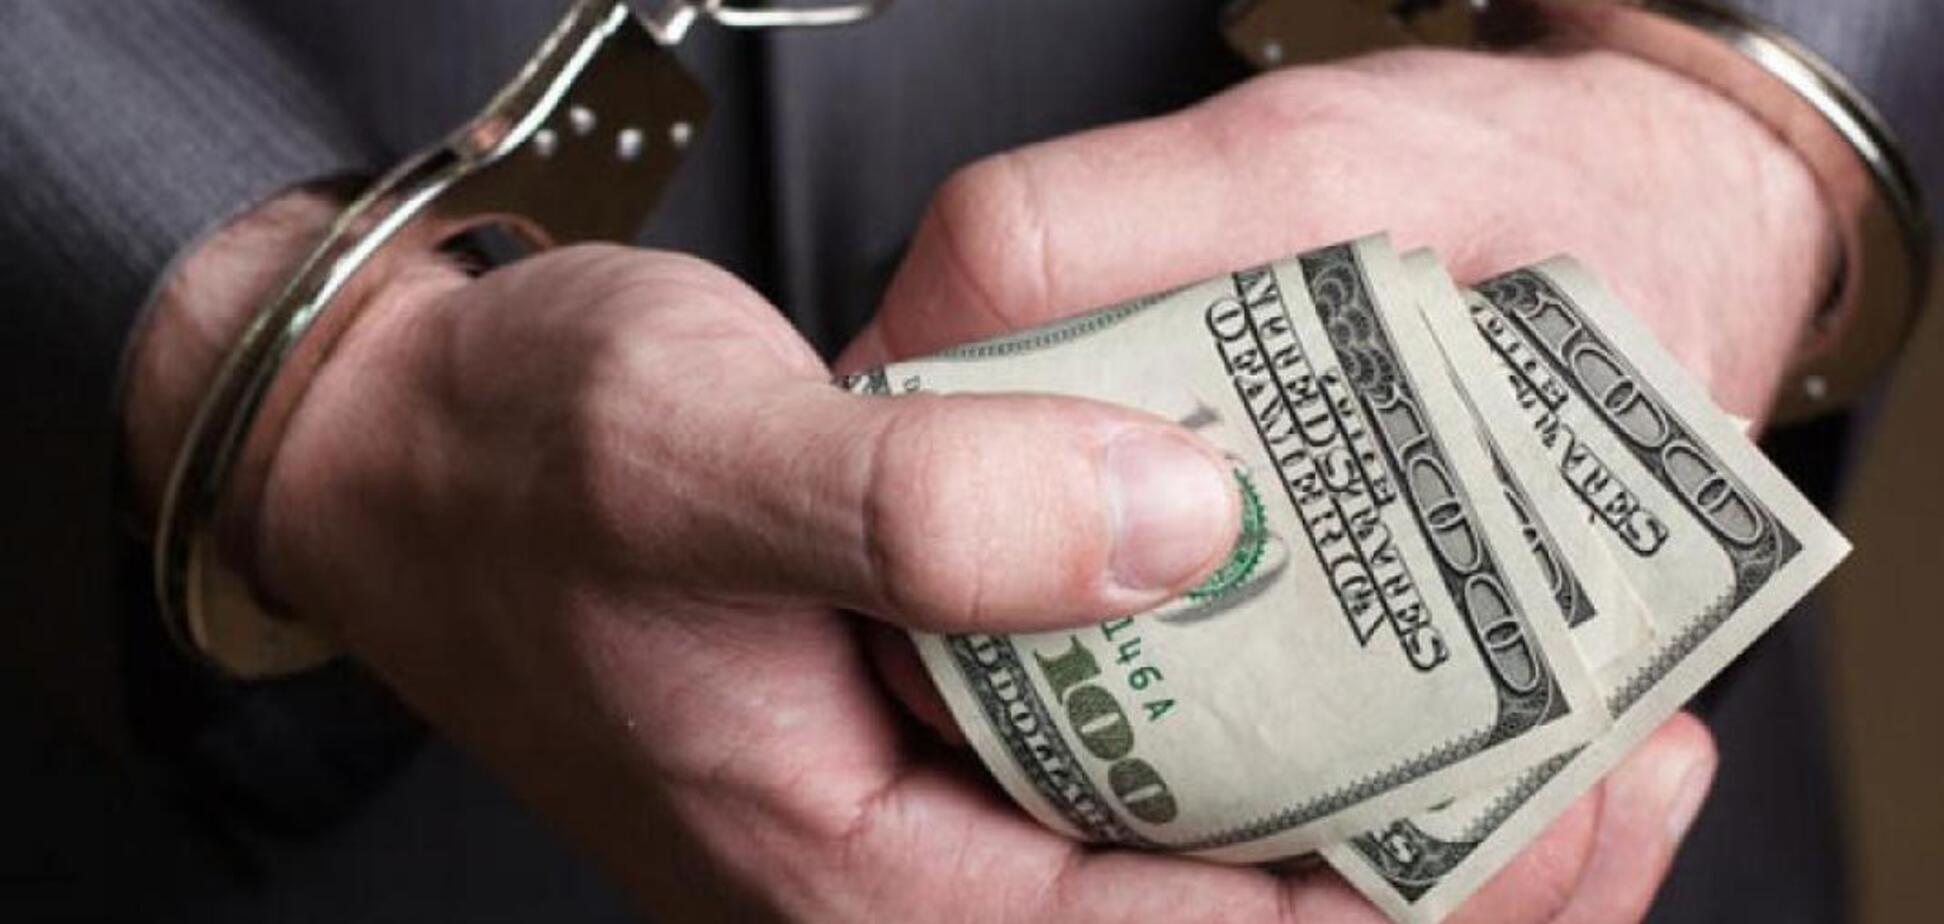 Взятка $800 тыс. сотруднику НАБУ: в сеть попало видео инцидента